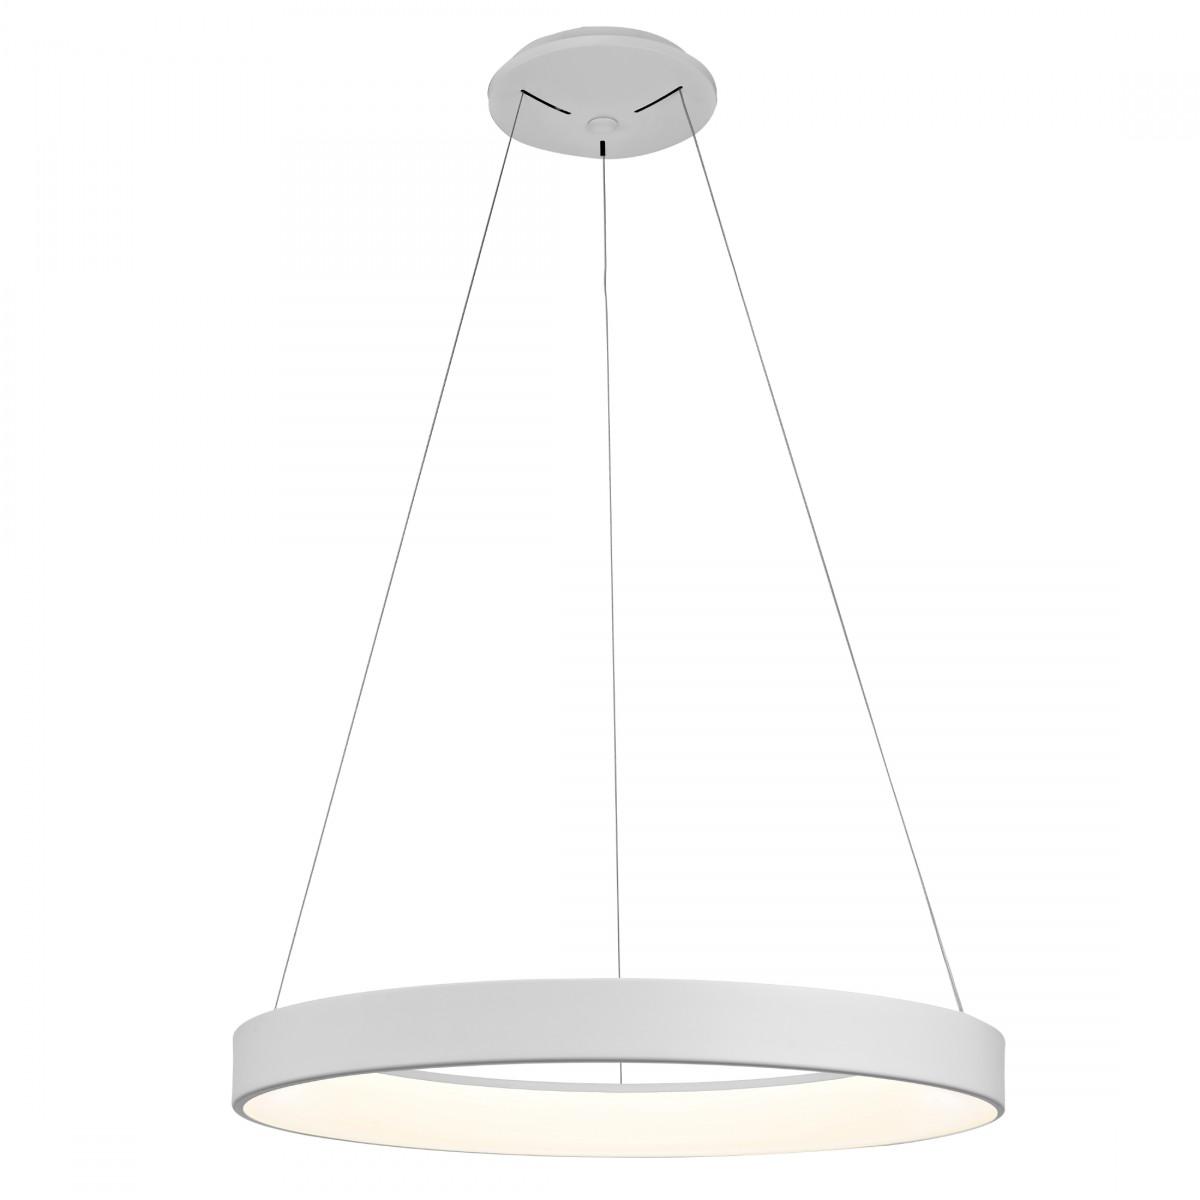 Pendul LED Mantra Niseko, 50W, alb, dimabil